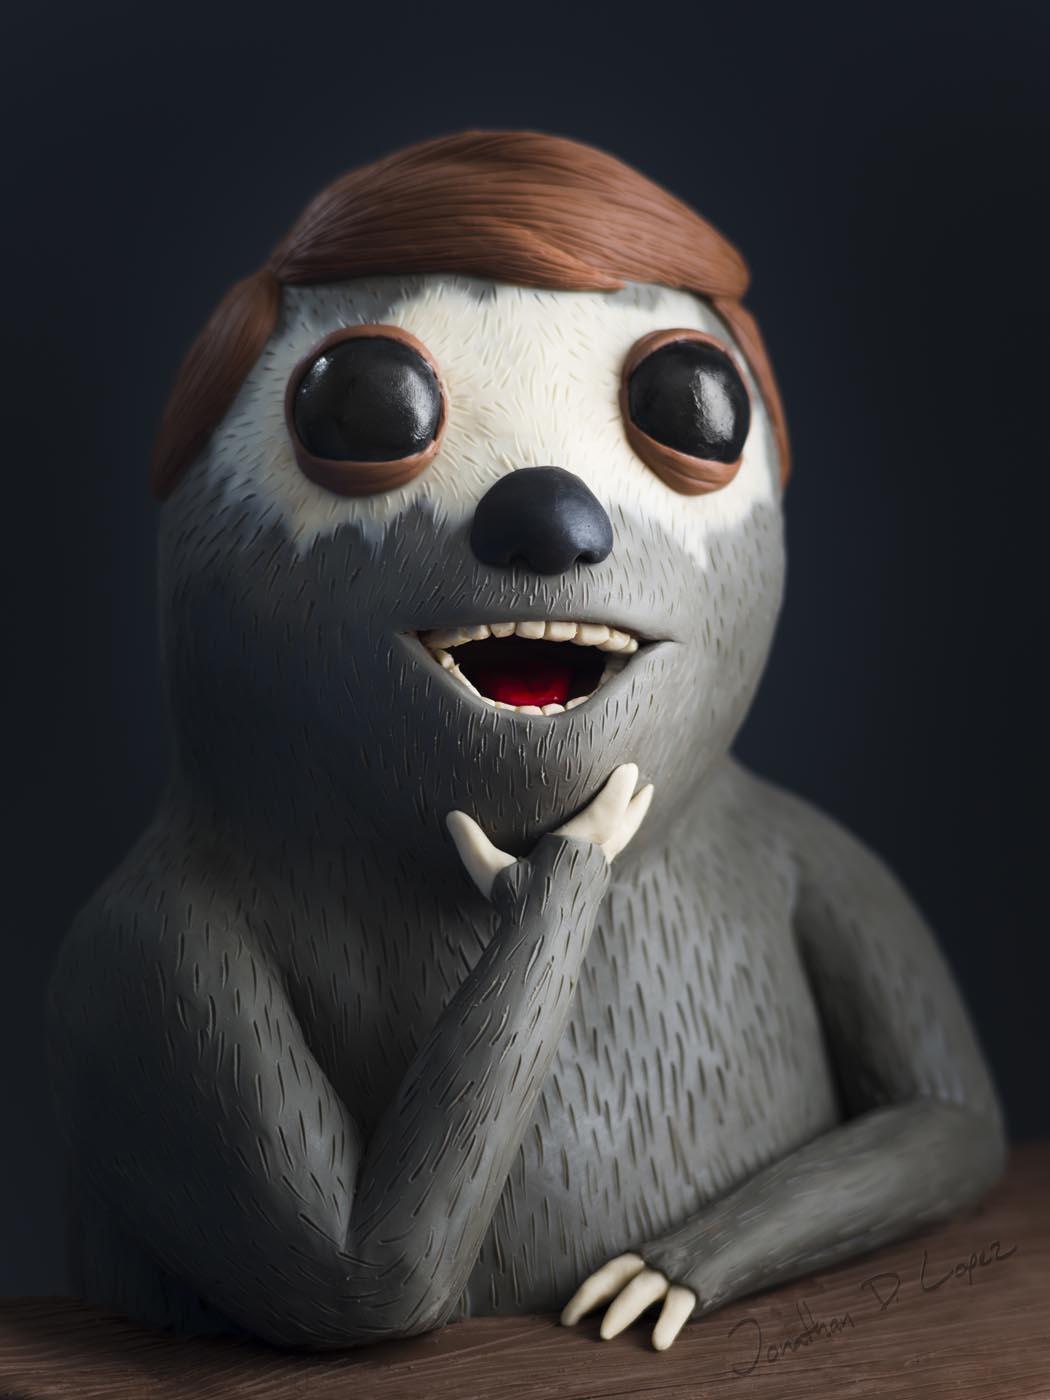 Simon the Sloth